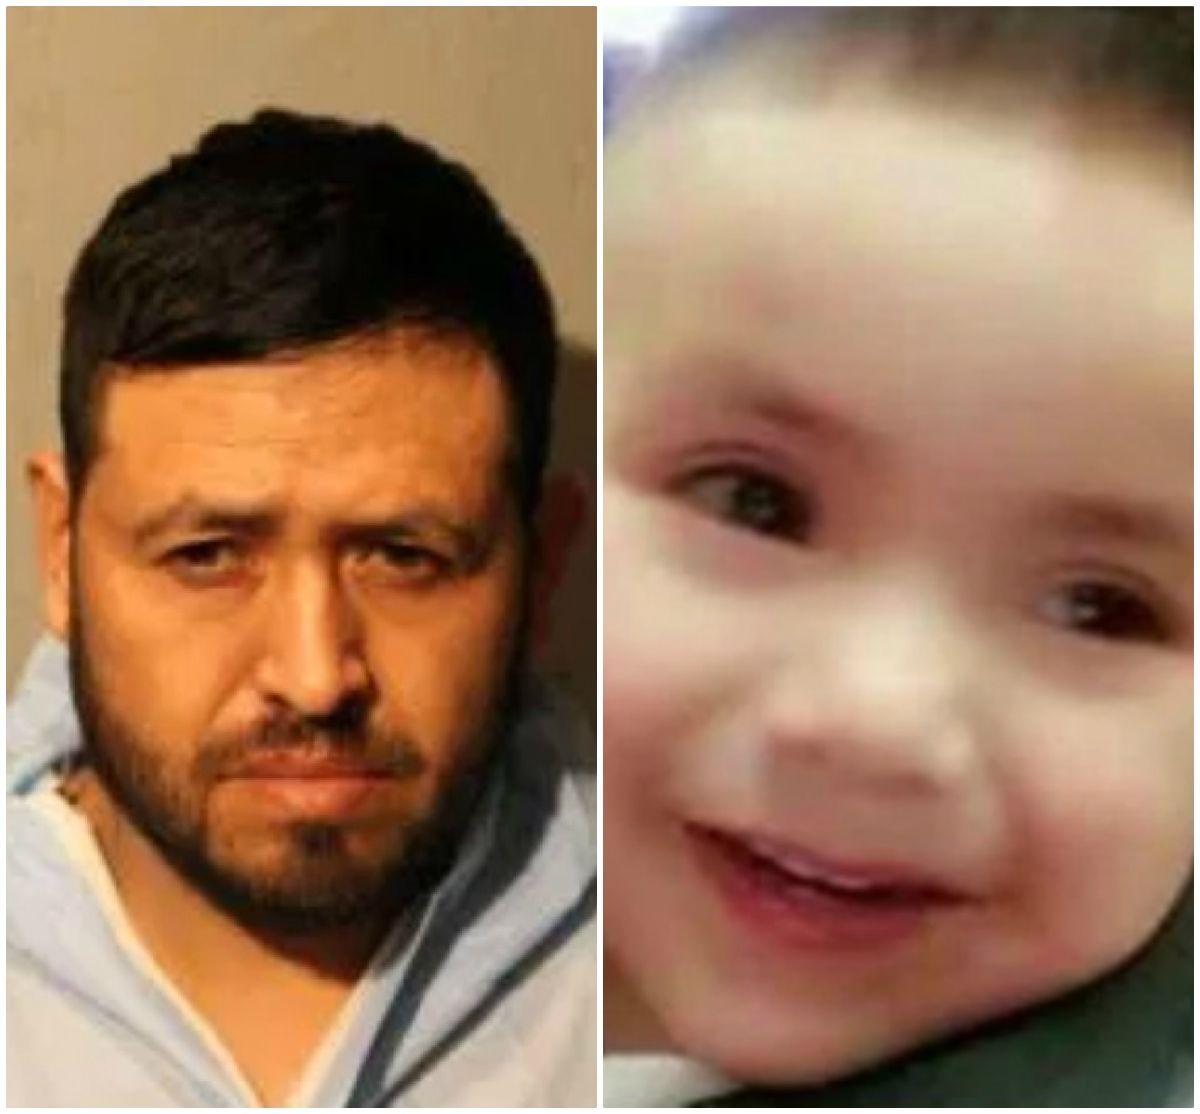 Padre le corta la garganta a su hijo de dos años porque no lo dejaba dormir